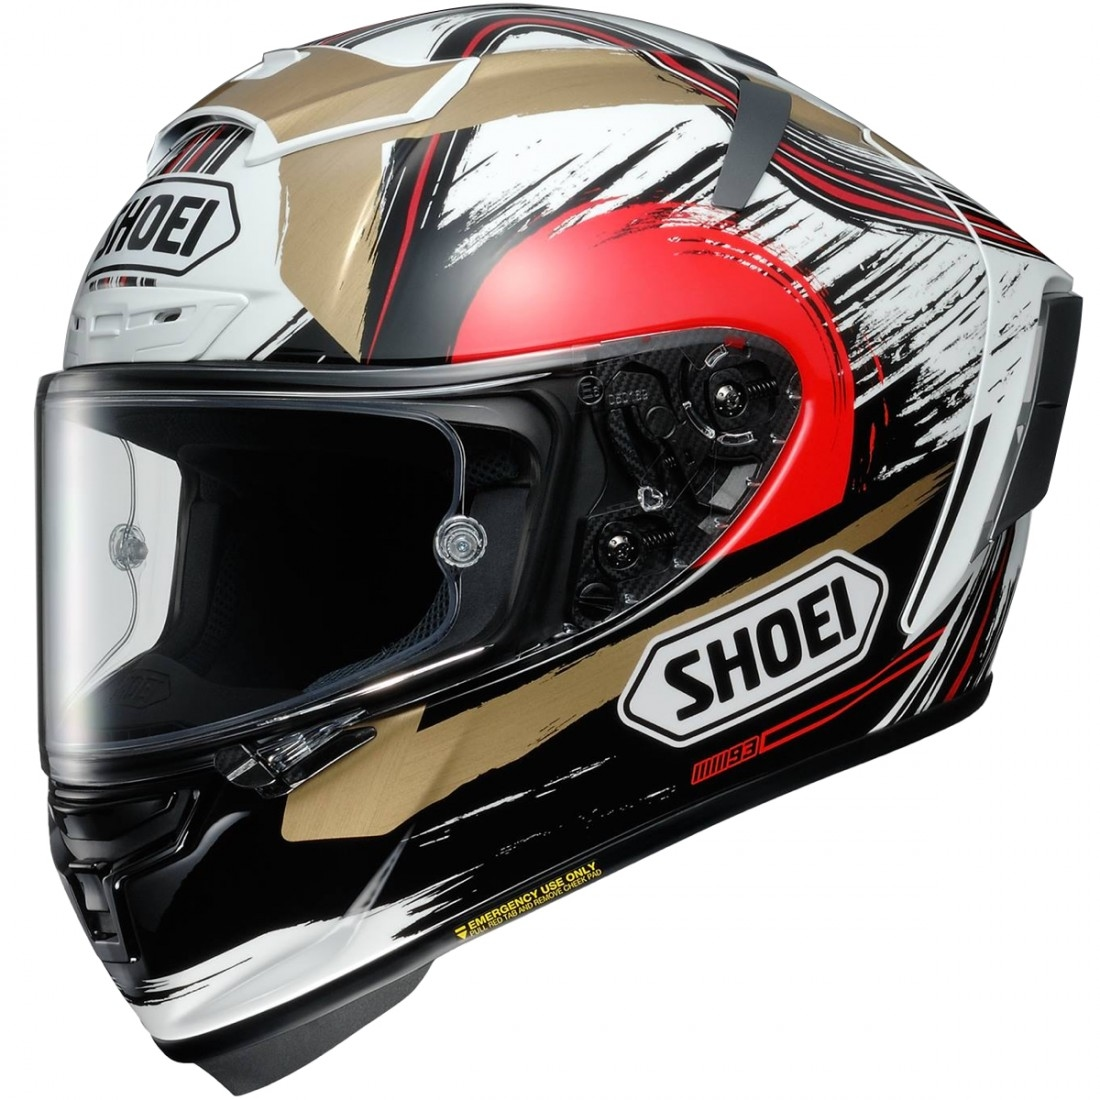 13f886c8ef0 SHOEI X-Spirit 3 Marquez Motegi 2 TC-1 Helmet · Motocard